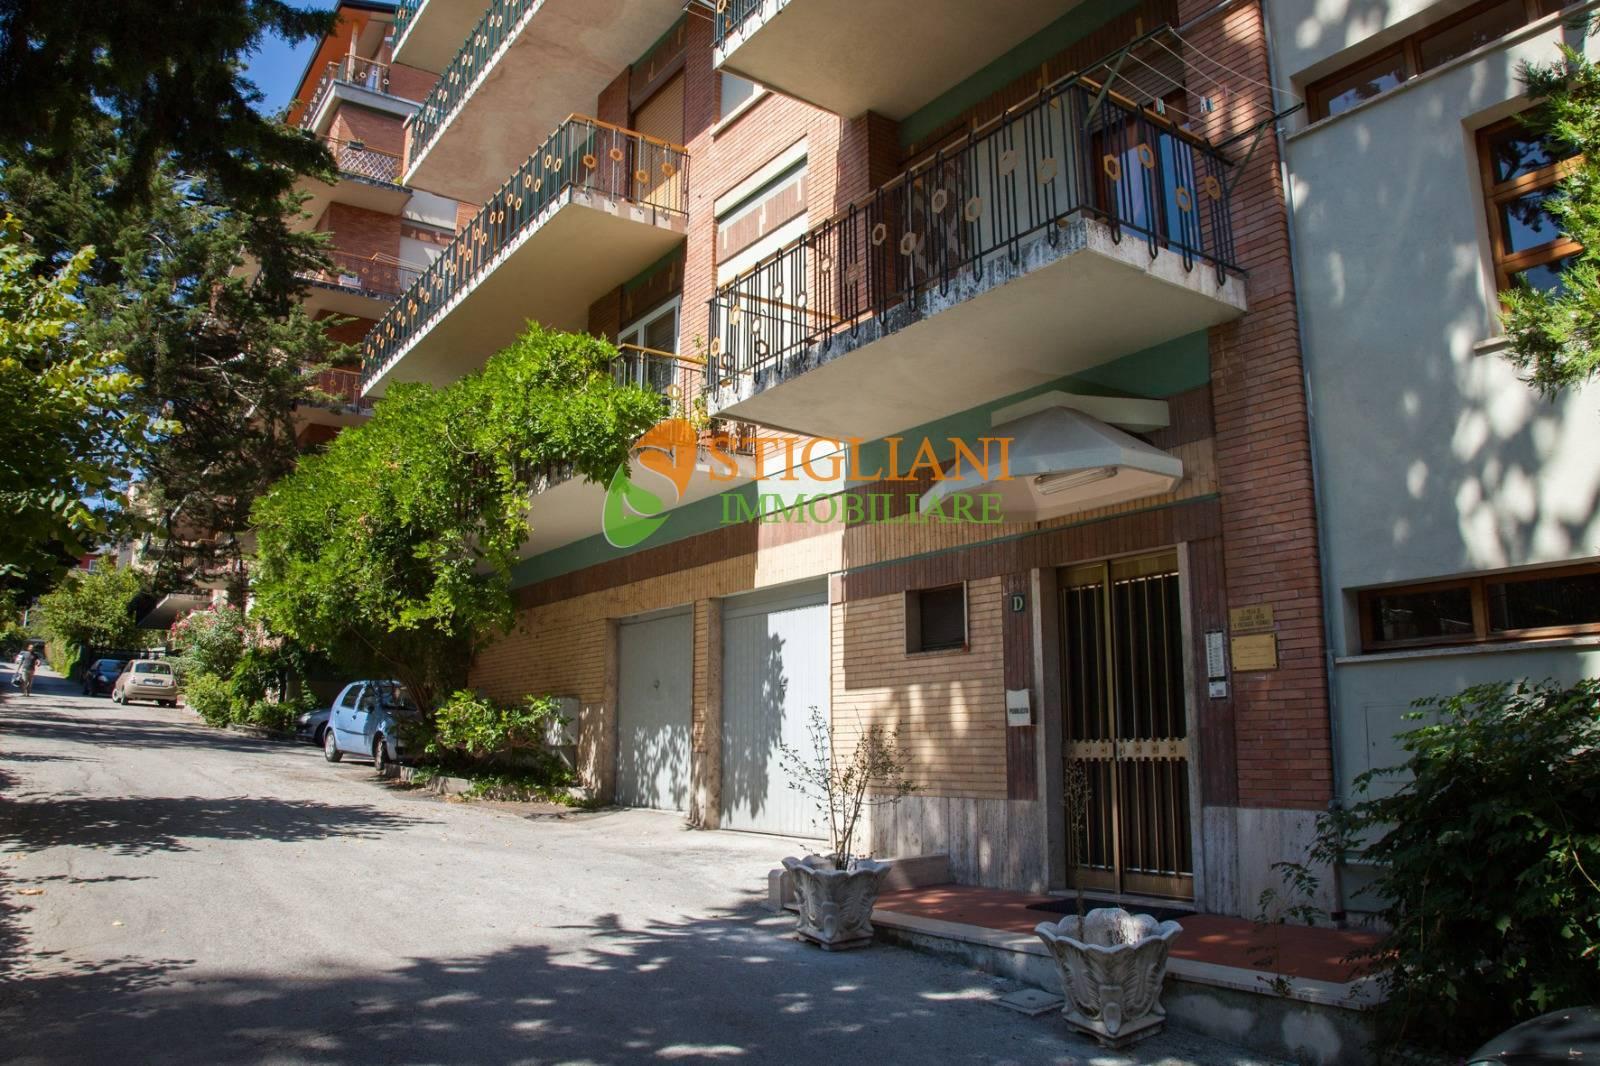 Appartamento in affitto a Campobasso, 5 locali, zona Zona: Semicentro, prezzo € 600   CambioCasa.it